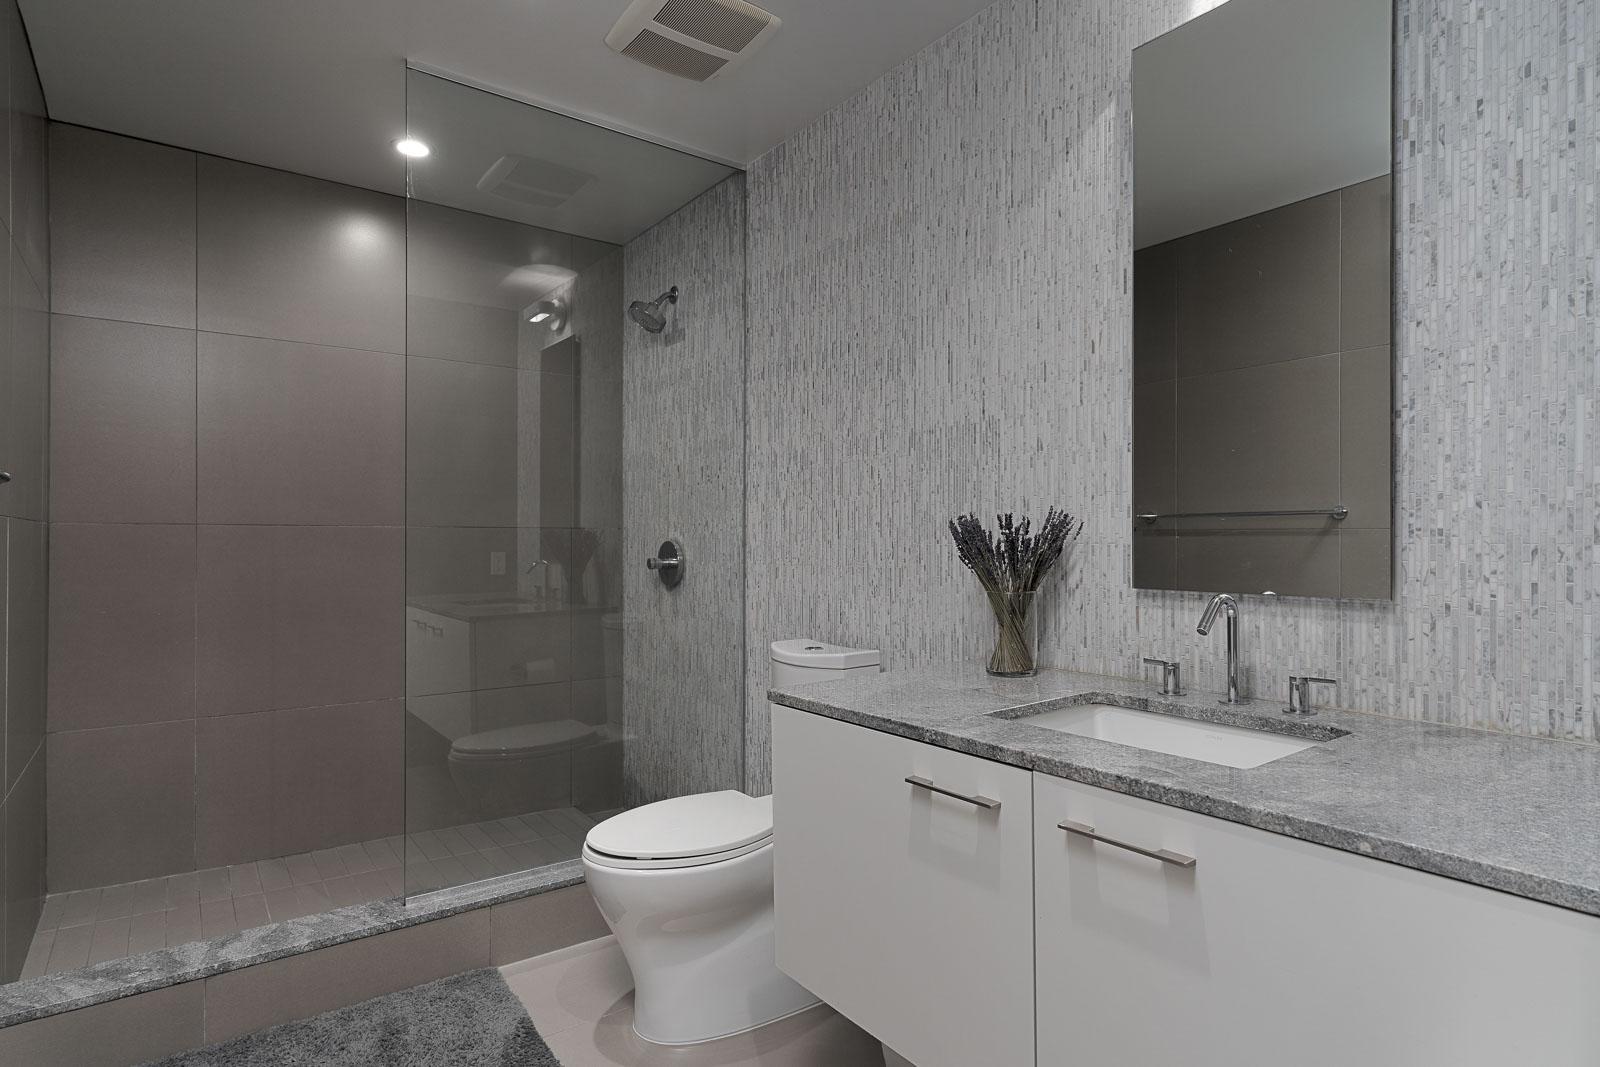 spa-like bathroom in Vancouver condo